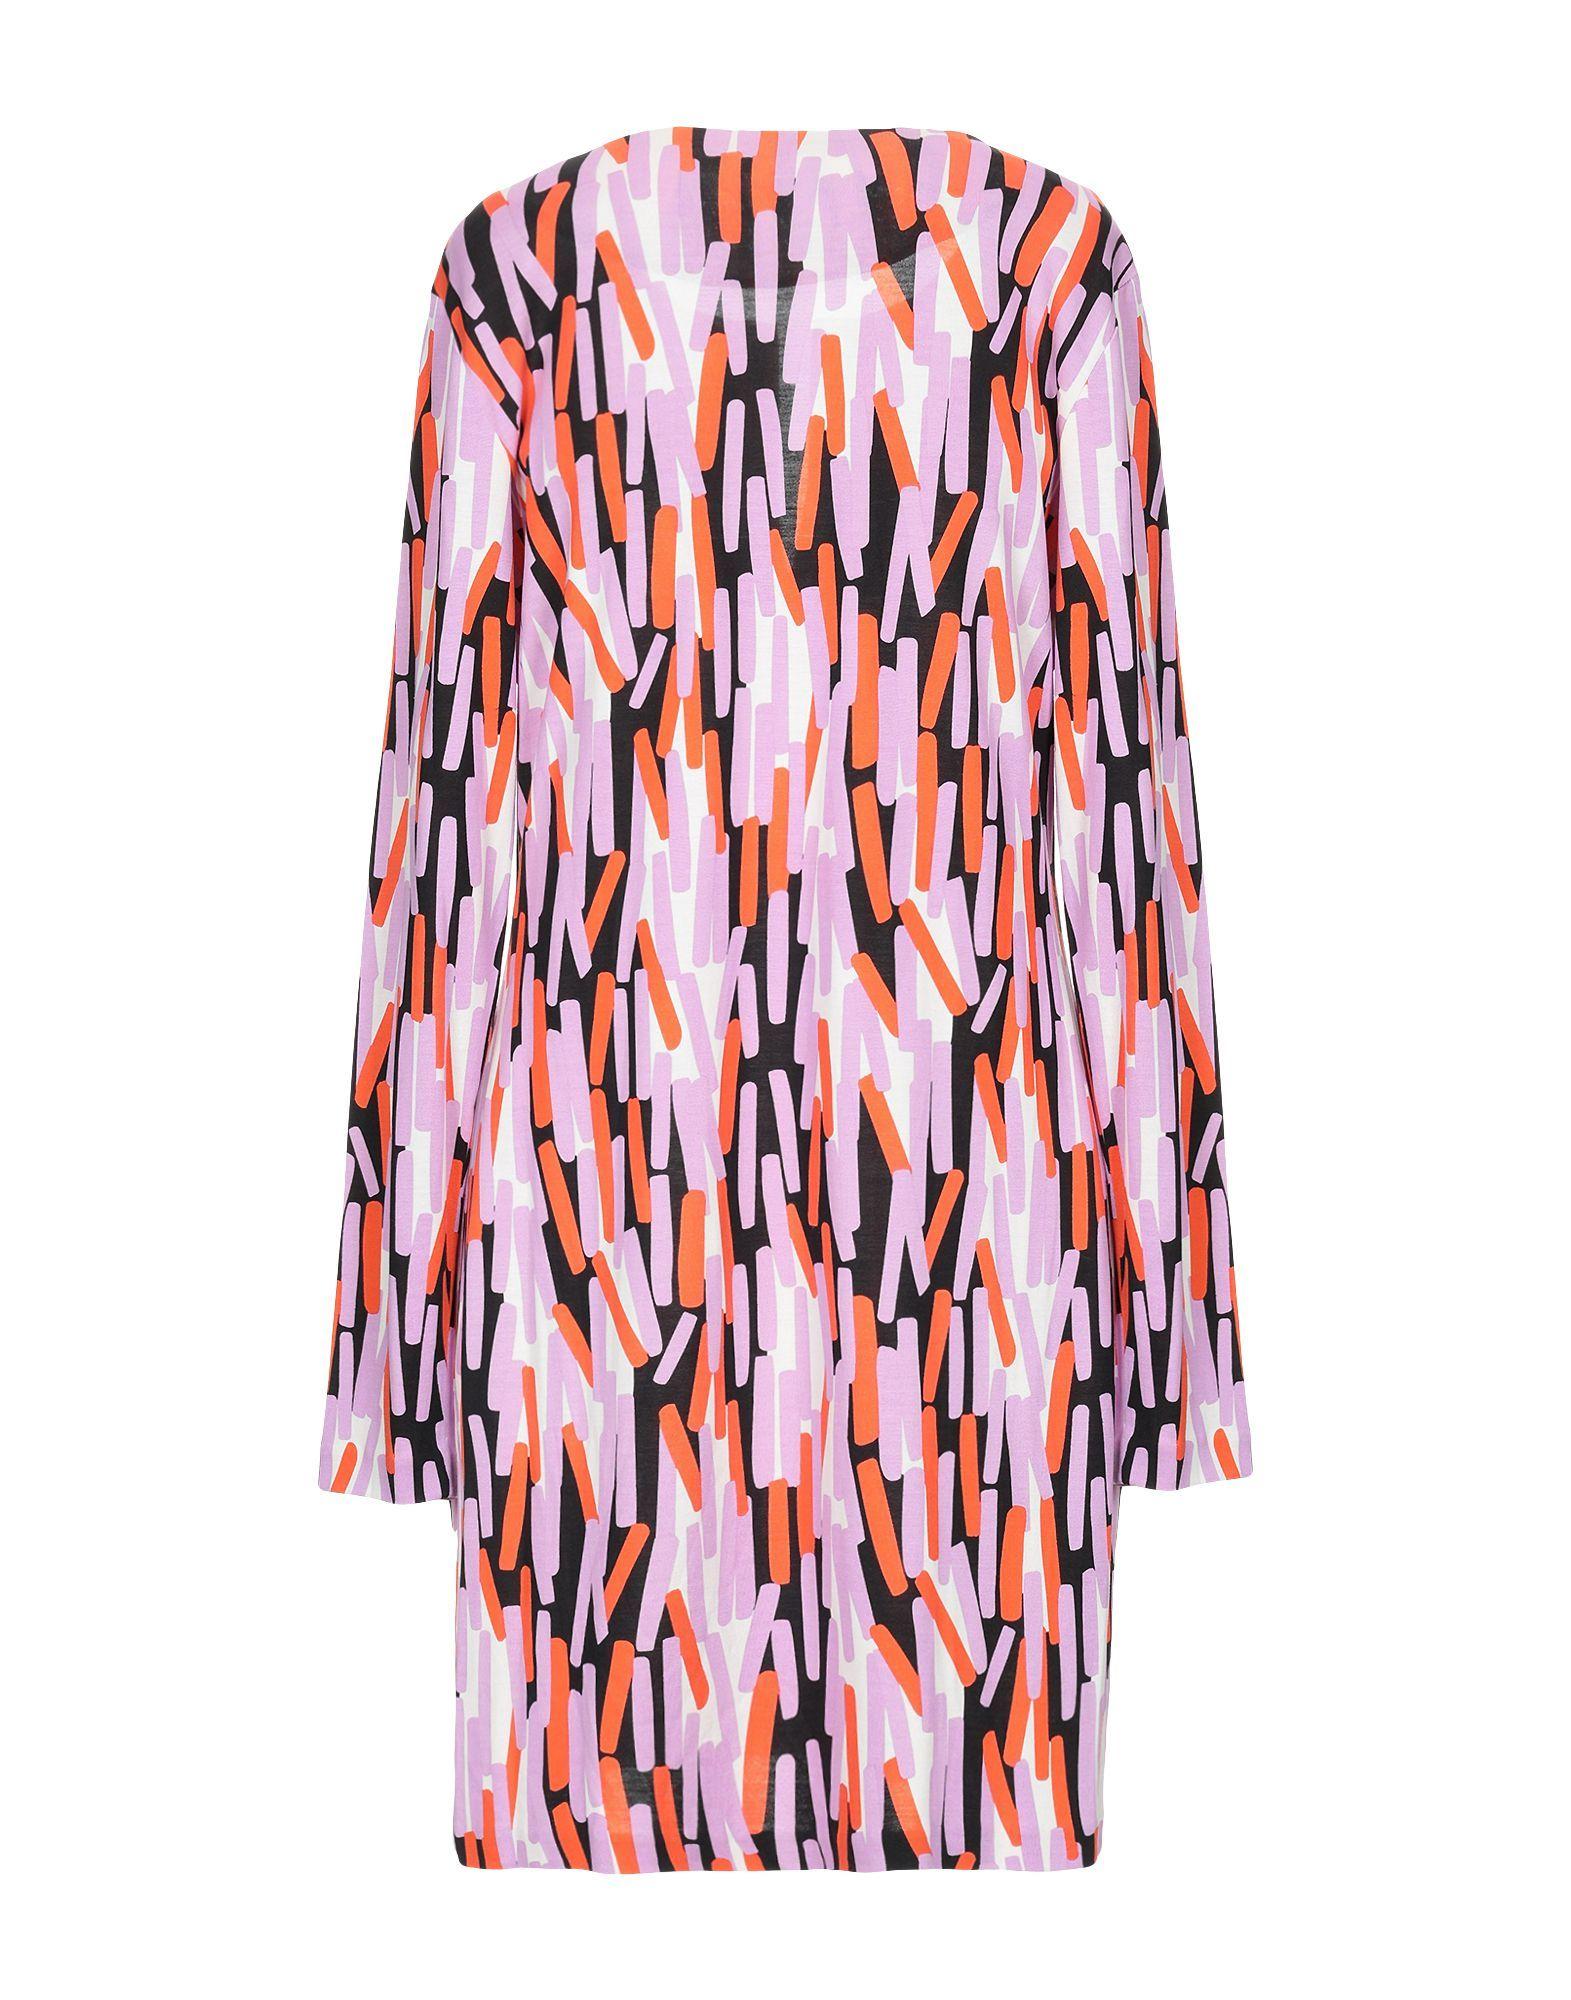 Diane Von Furstenberg Orange Print Silk Dress